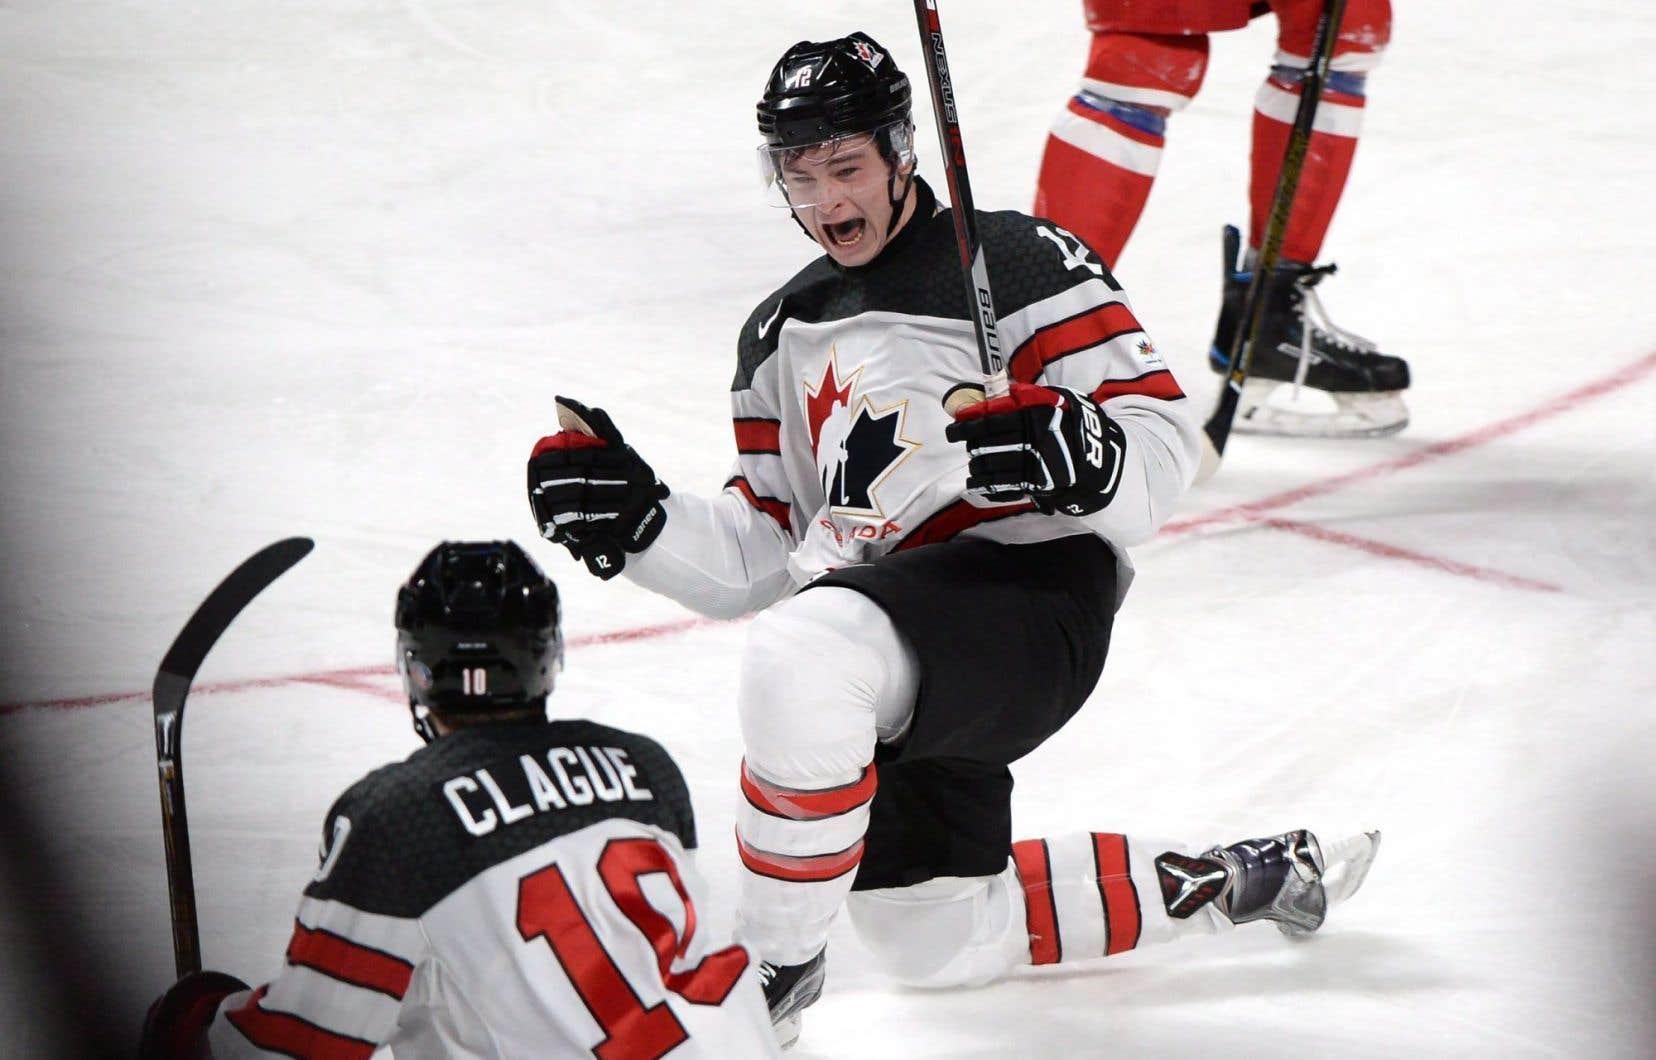 Le Montréalais Julien Gauthier a donné deux buts de priorité au Canada en début de troisième période.